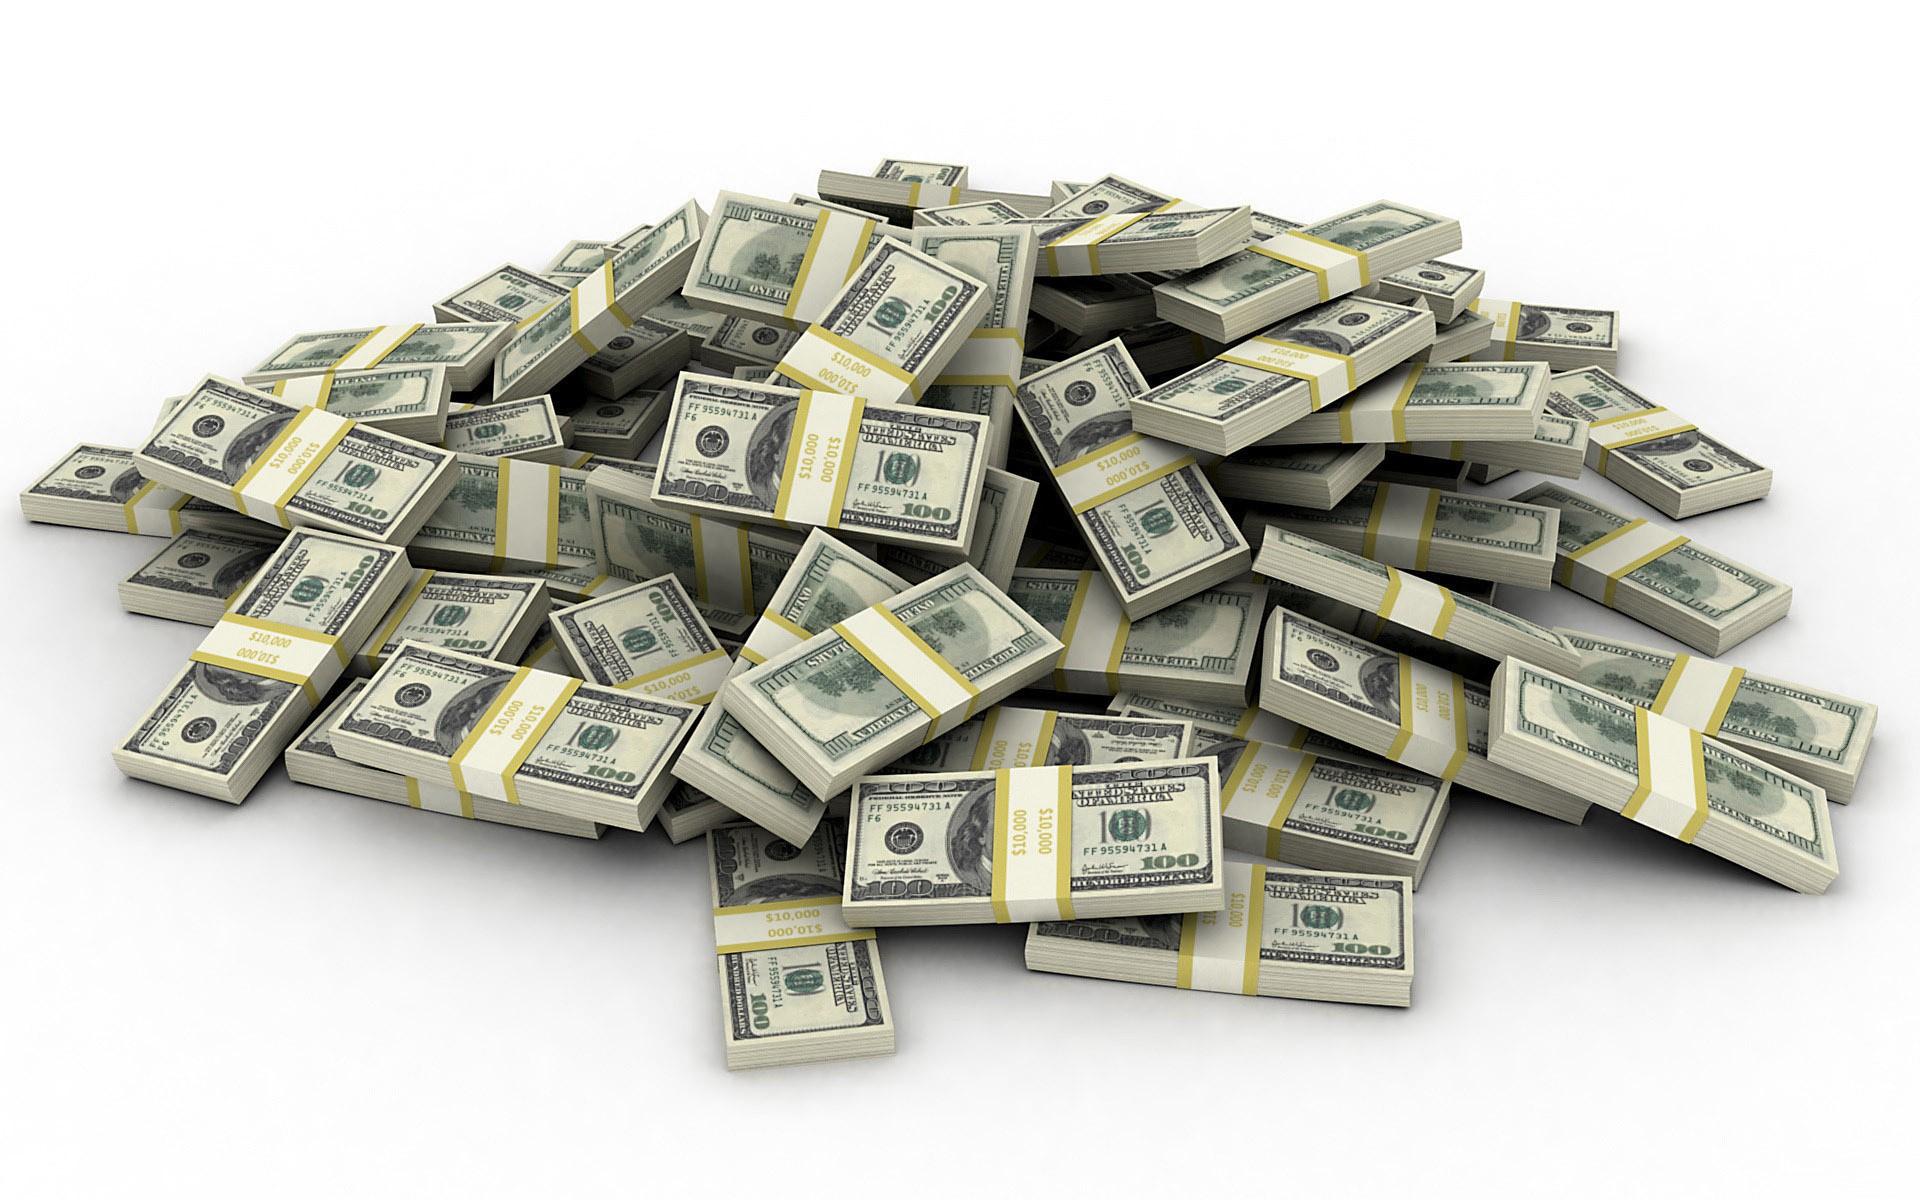 Дания выкупила «панамское досье» за USD 900 тыс.